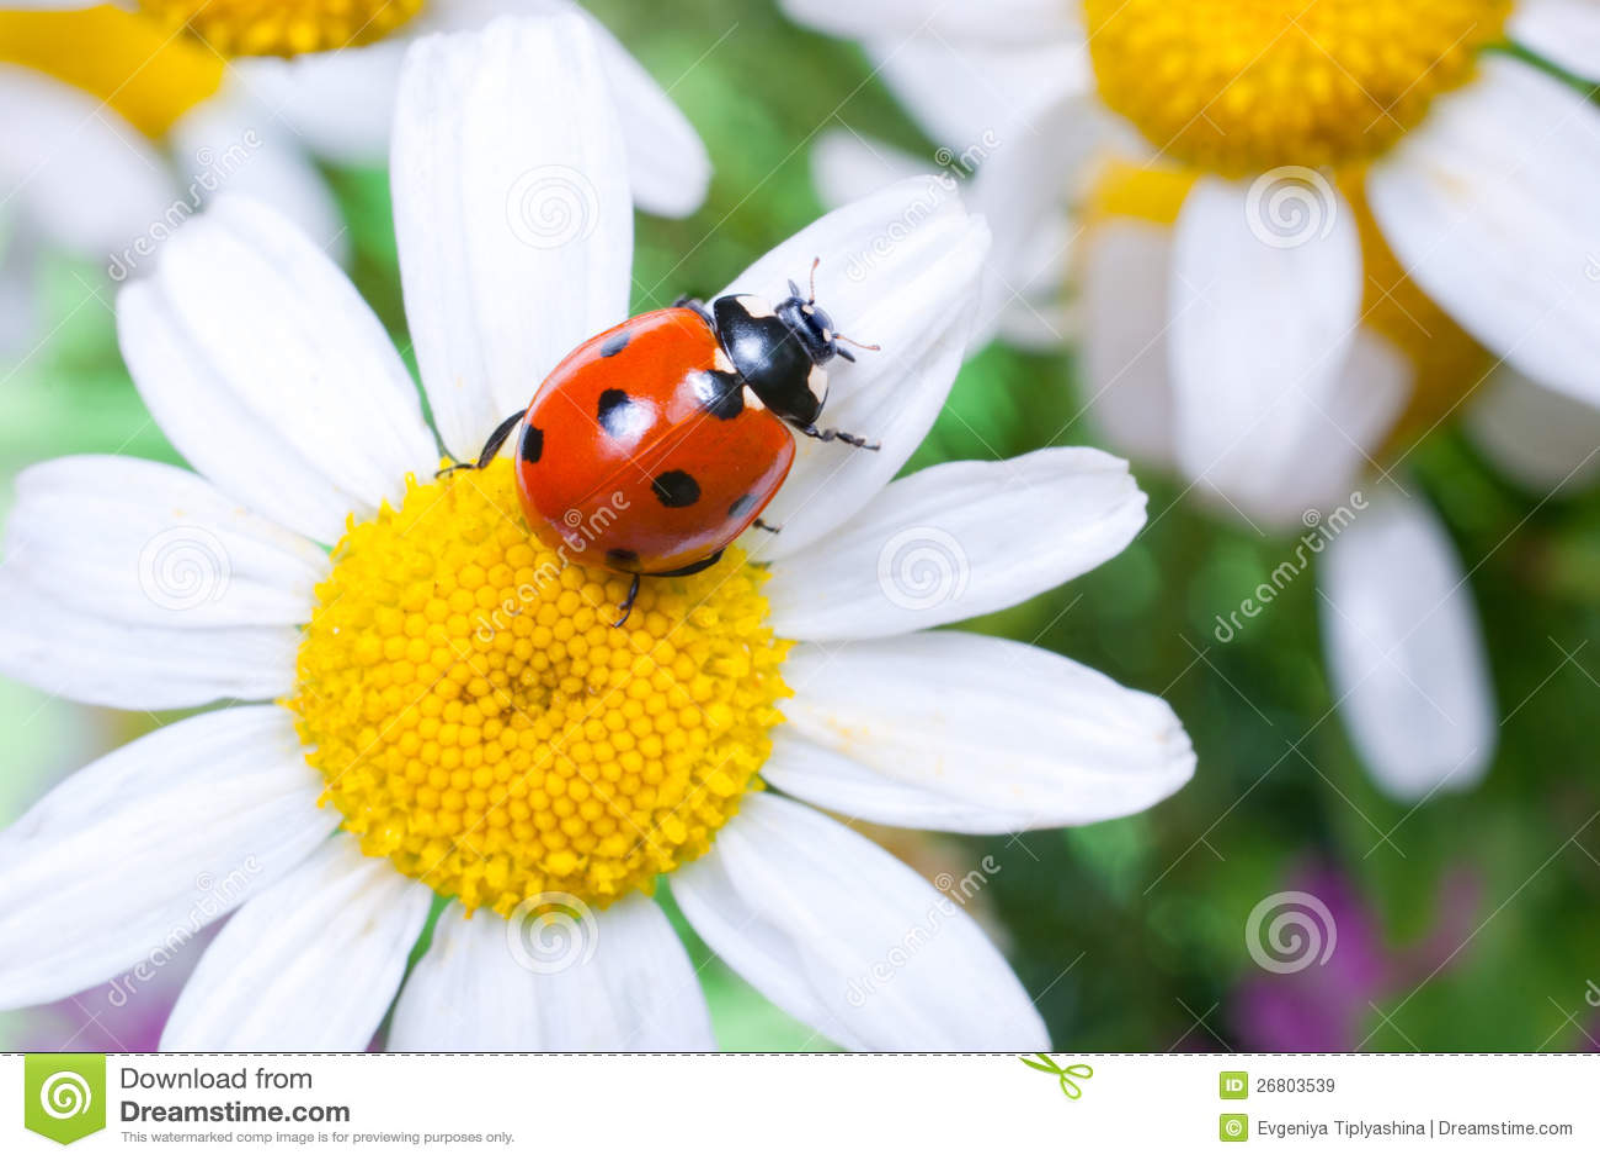 Ladybug On A Flower Royalty Free Stock Images - Image ...